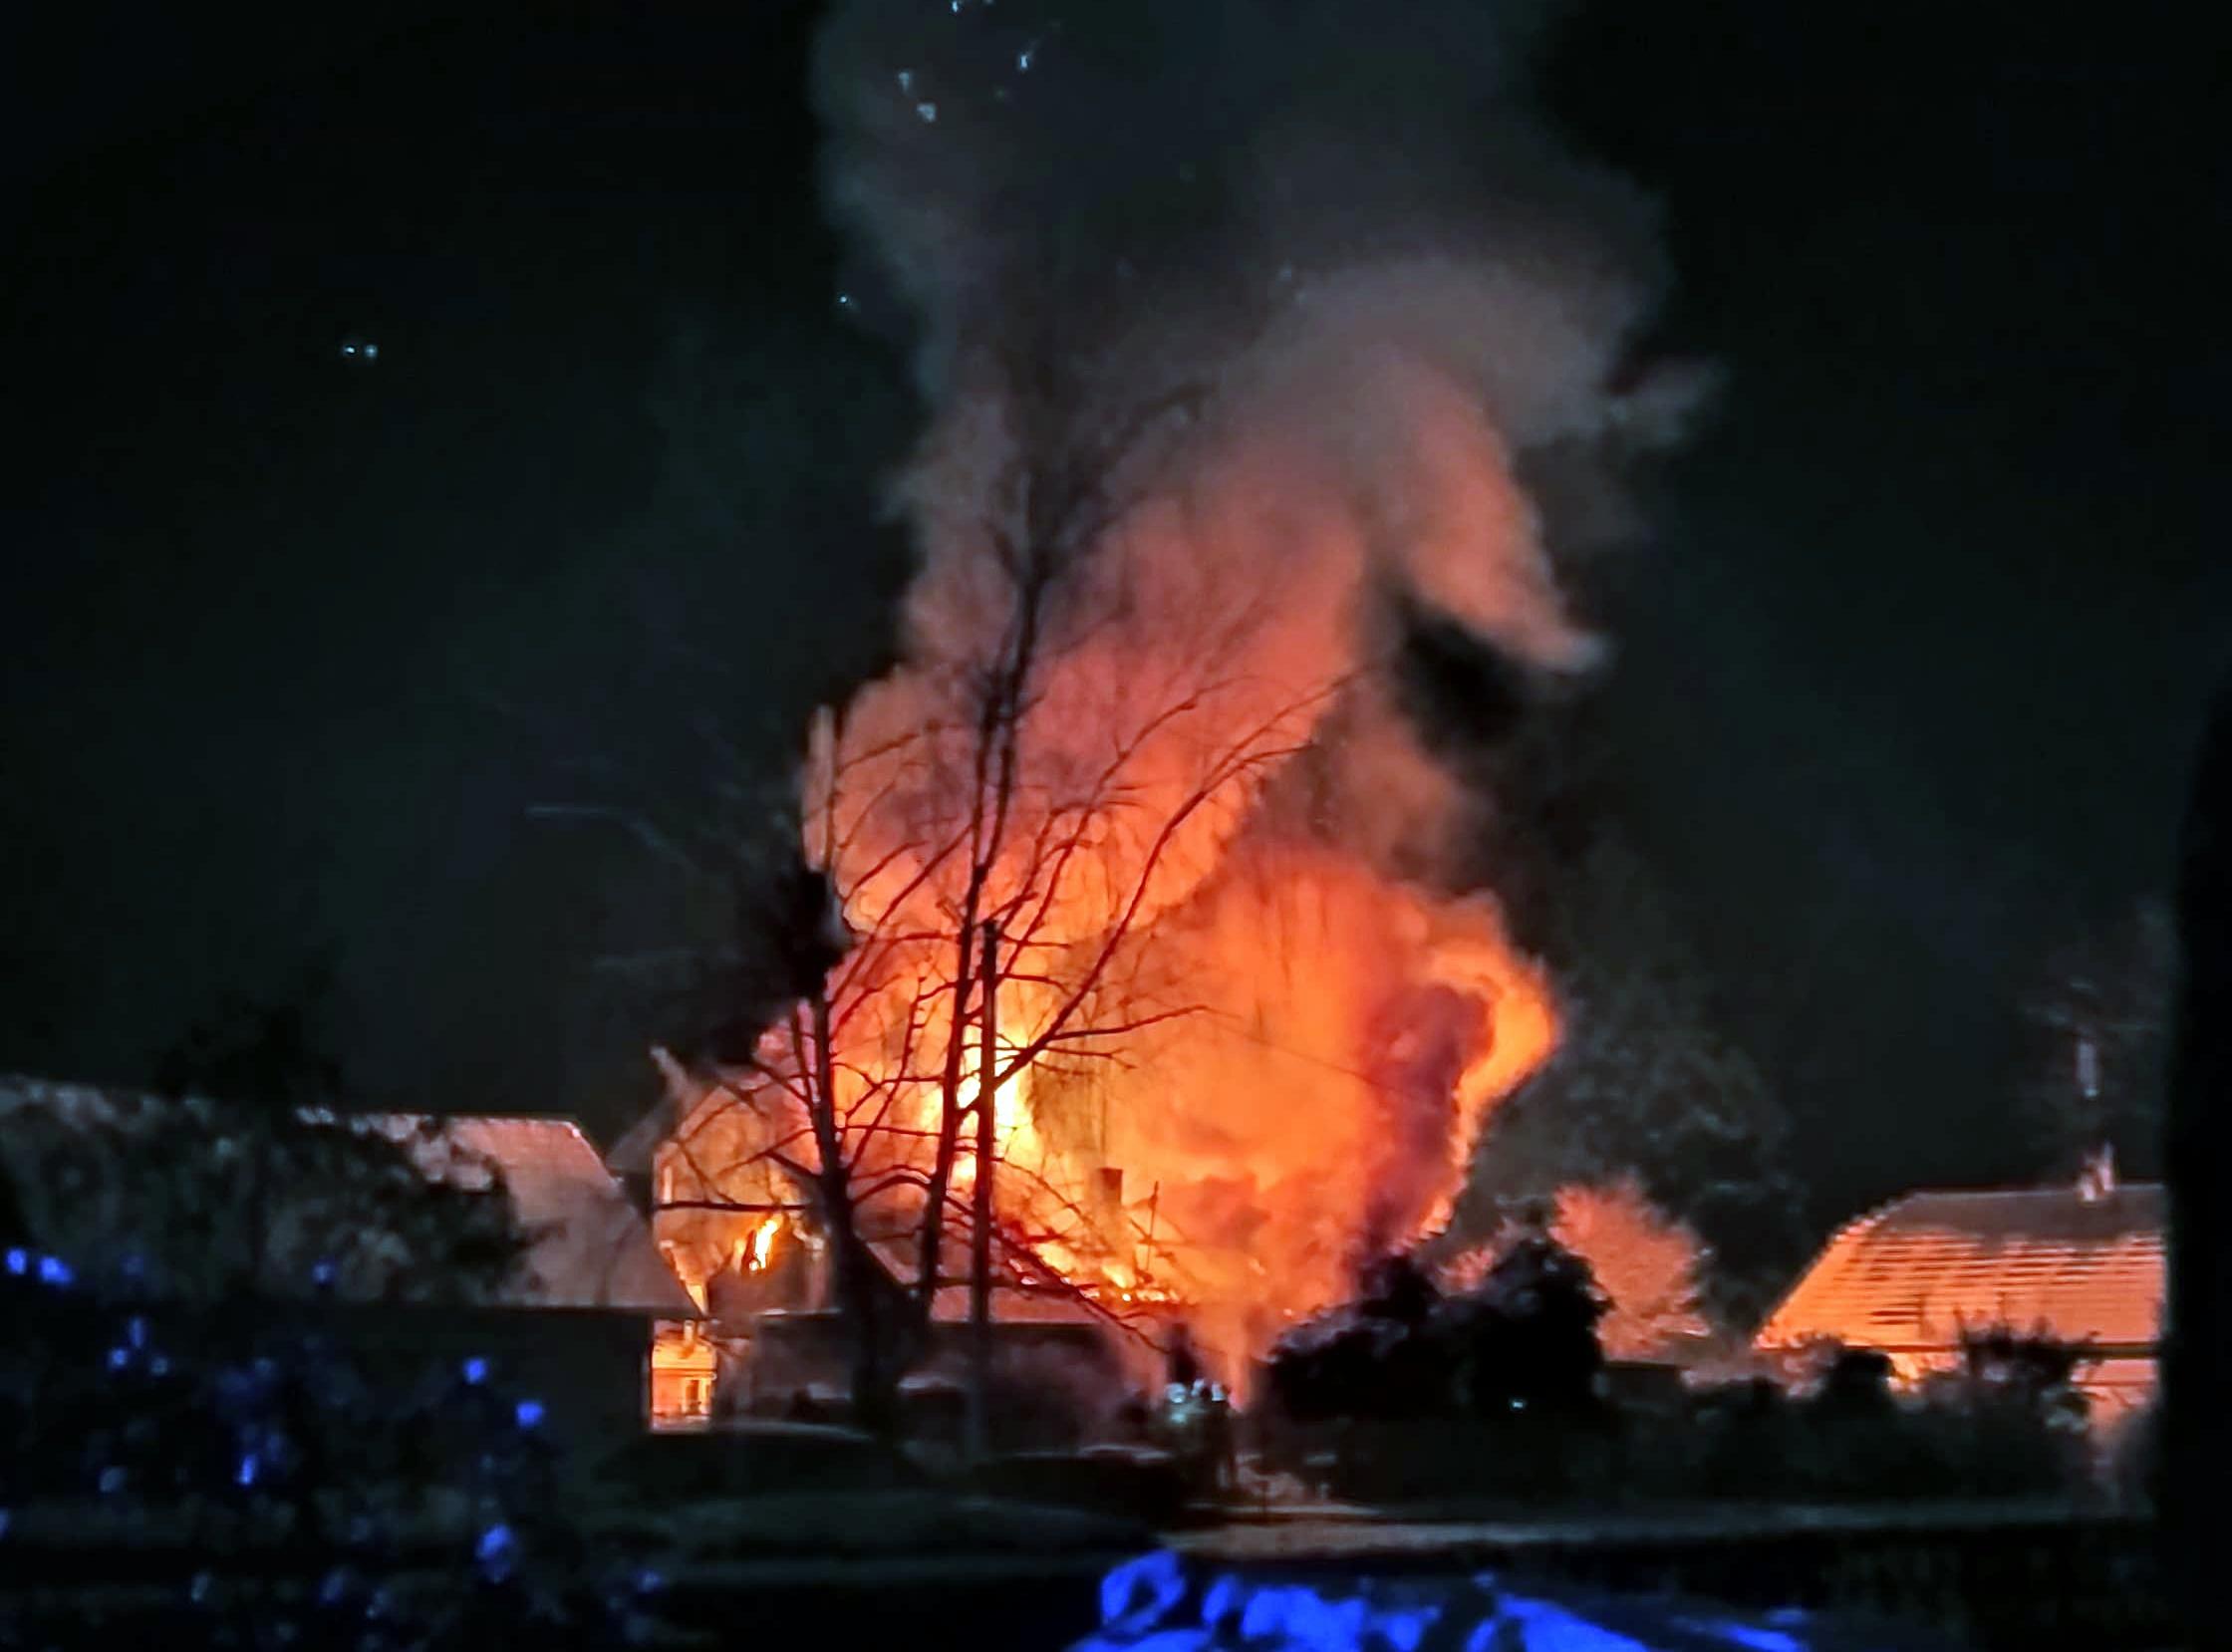 TERAZ: Pali się budynek mieszkalny w Zagórzu [FOTO] - Zdjęcie główne